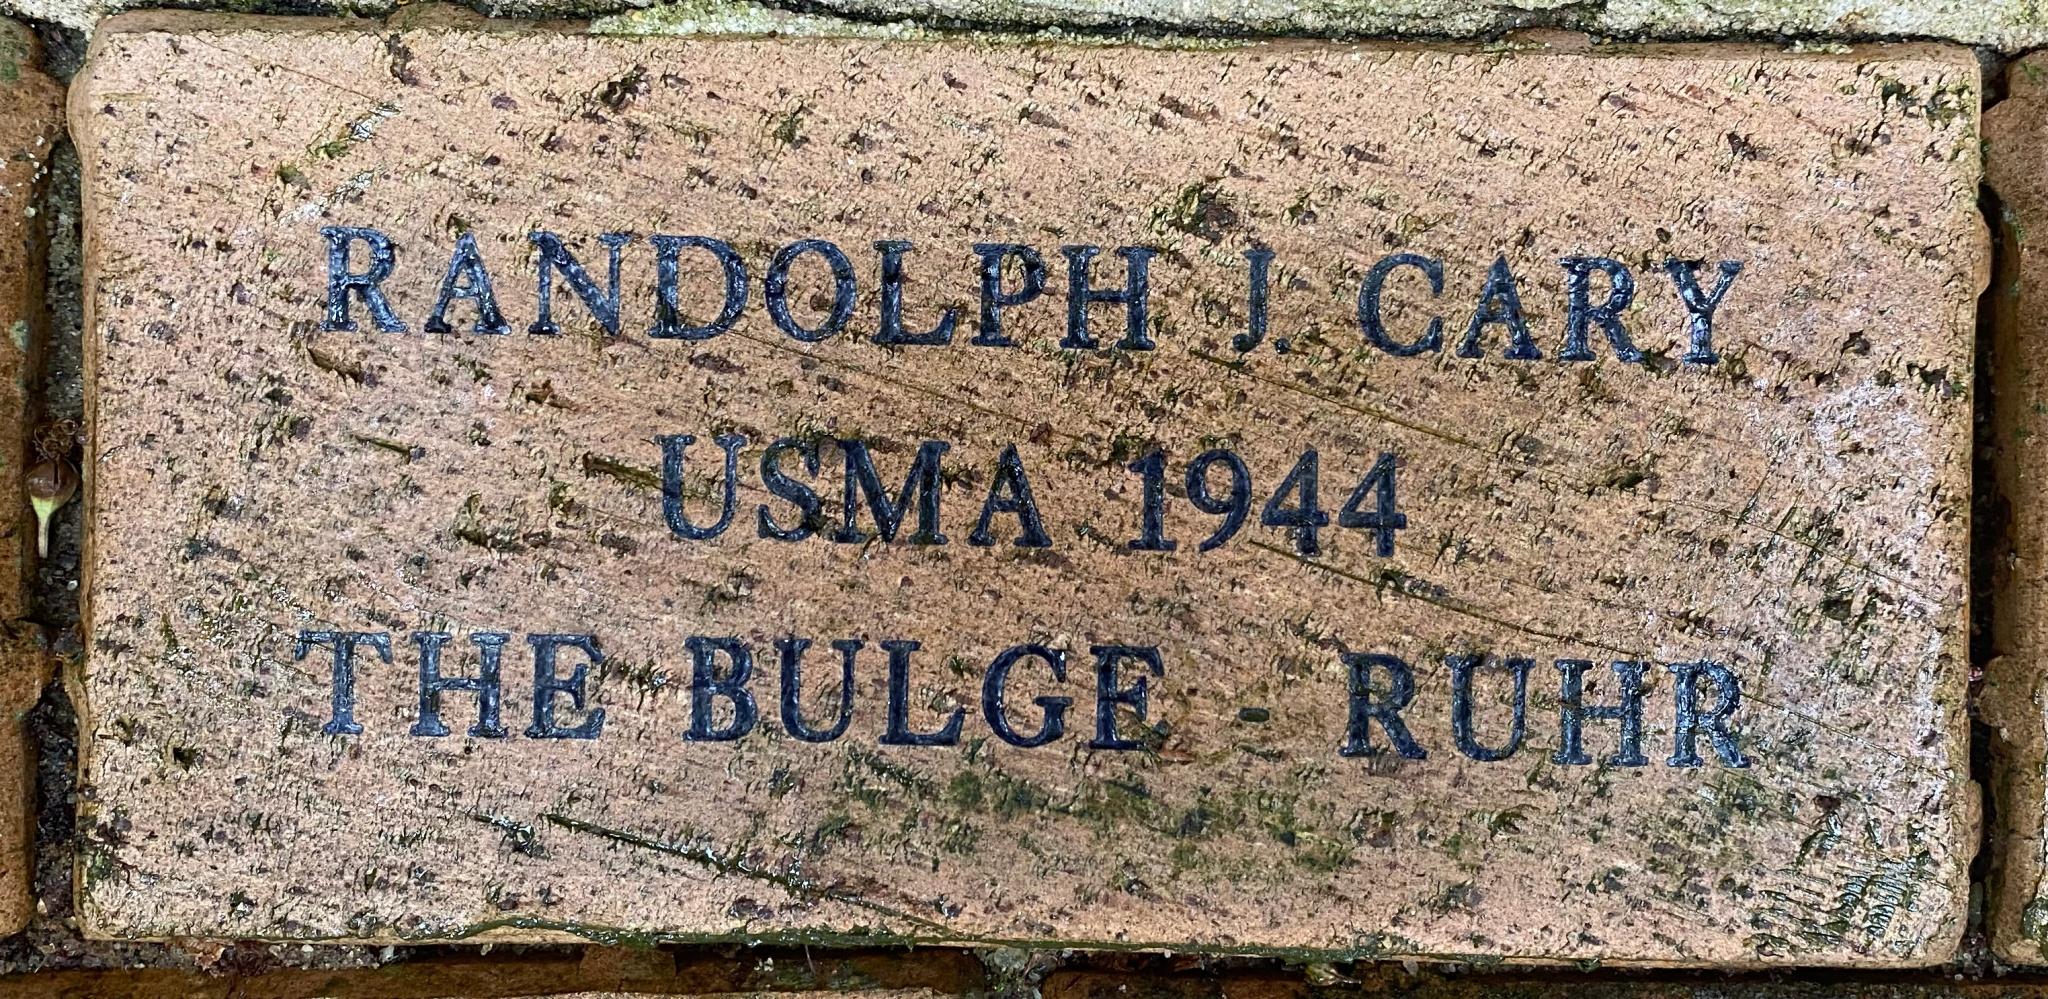 RANDOLPH J. CARY USMA 1944 THE BULGE – RUHR